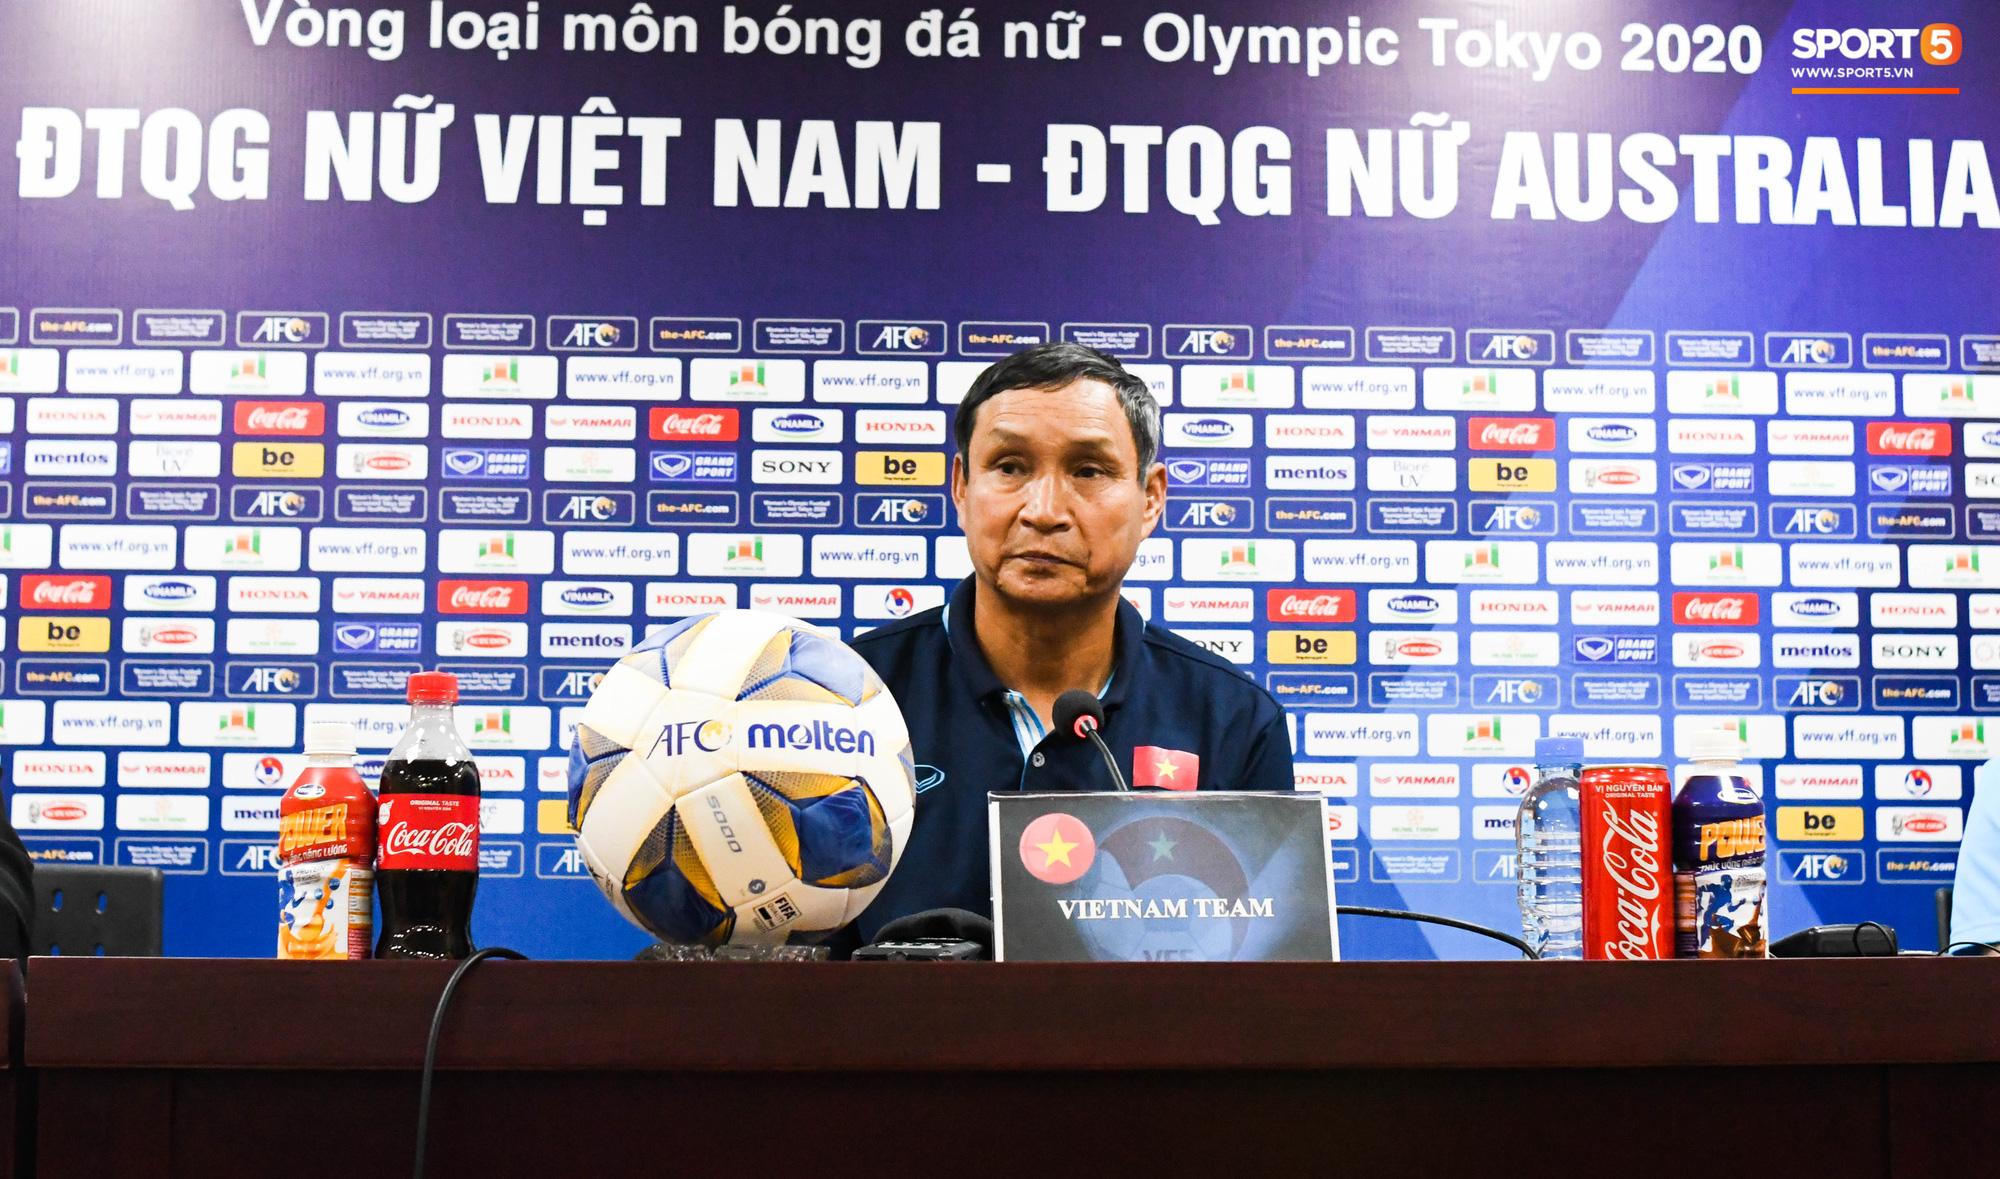 HLV Mai Đức Chung khẳng định tuyển nữ Việt Nam không buông xuôi: Mình từng thua Australia 9 bàn cơ mà, thua 0-5 là bình thường - Ảnh 1.